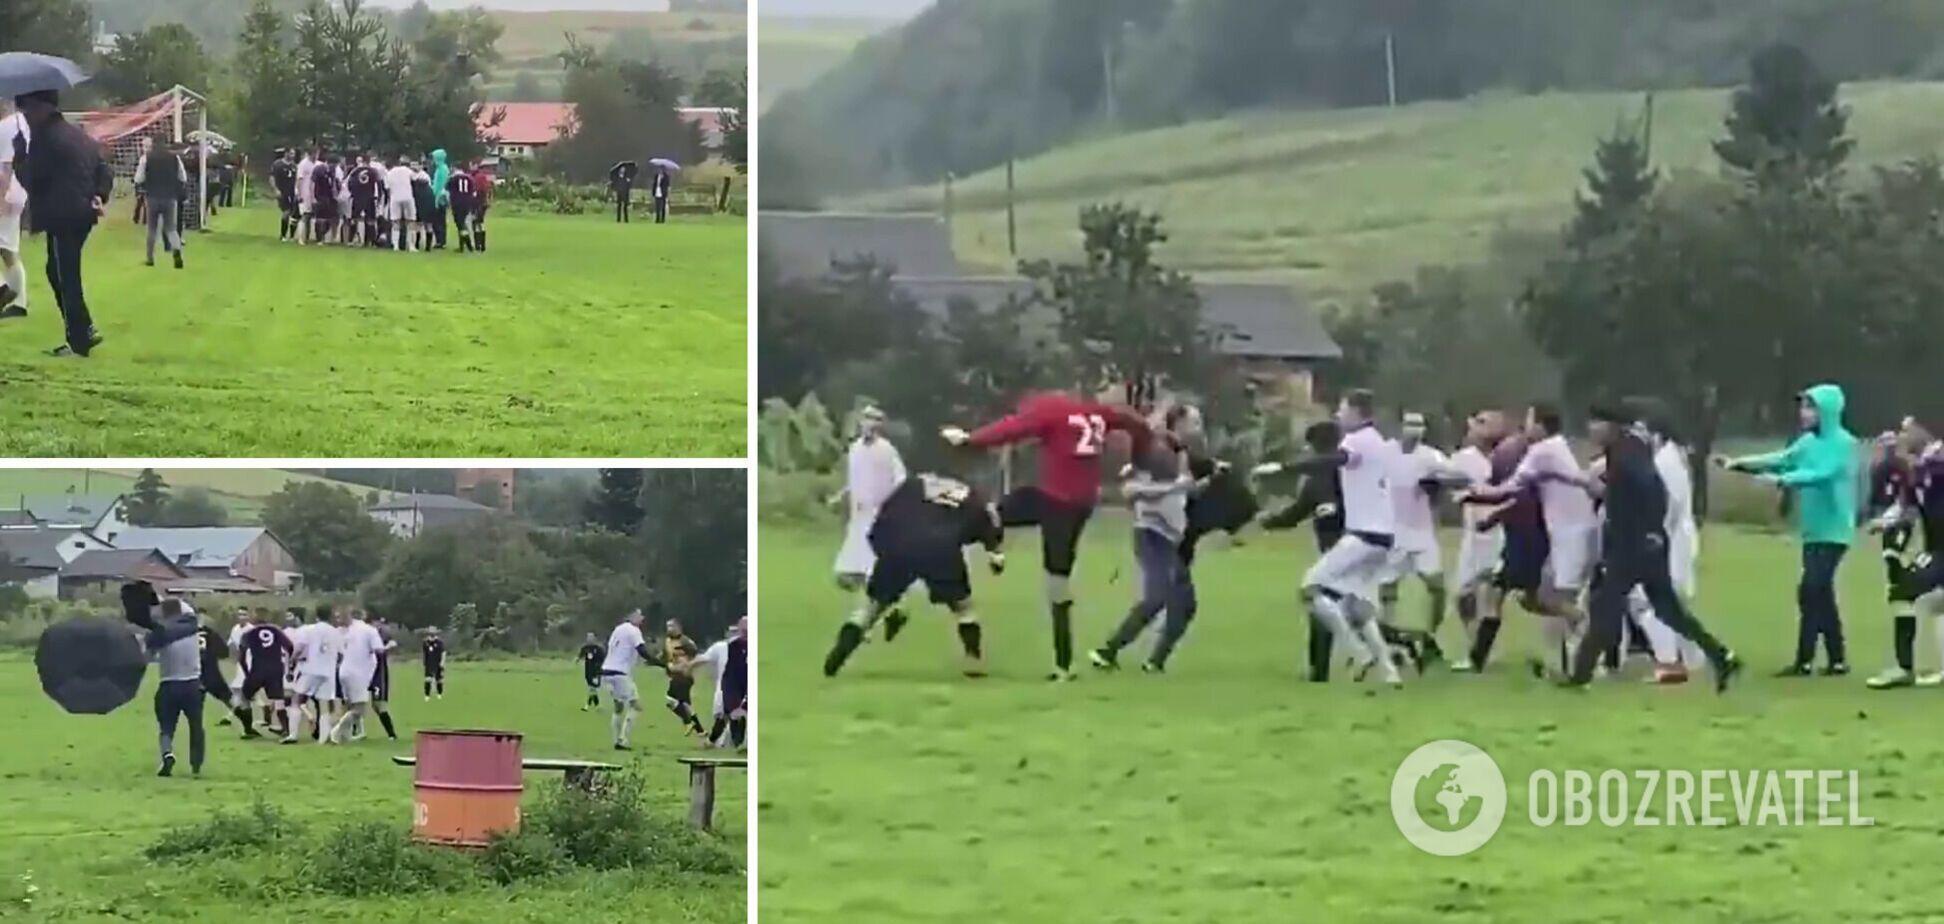 На Львівщині футболісти влаштували масову бійку, в якій брали участь суддя і глядачі. Відео